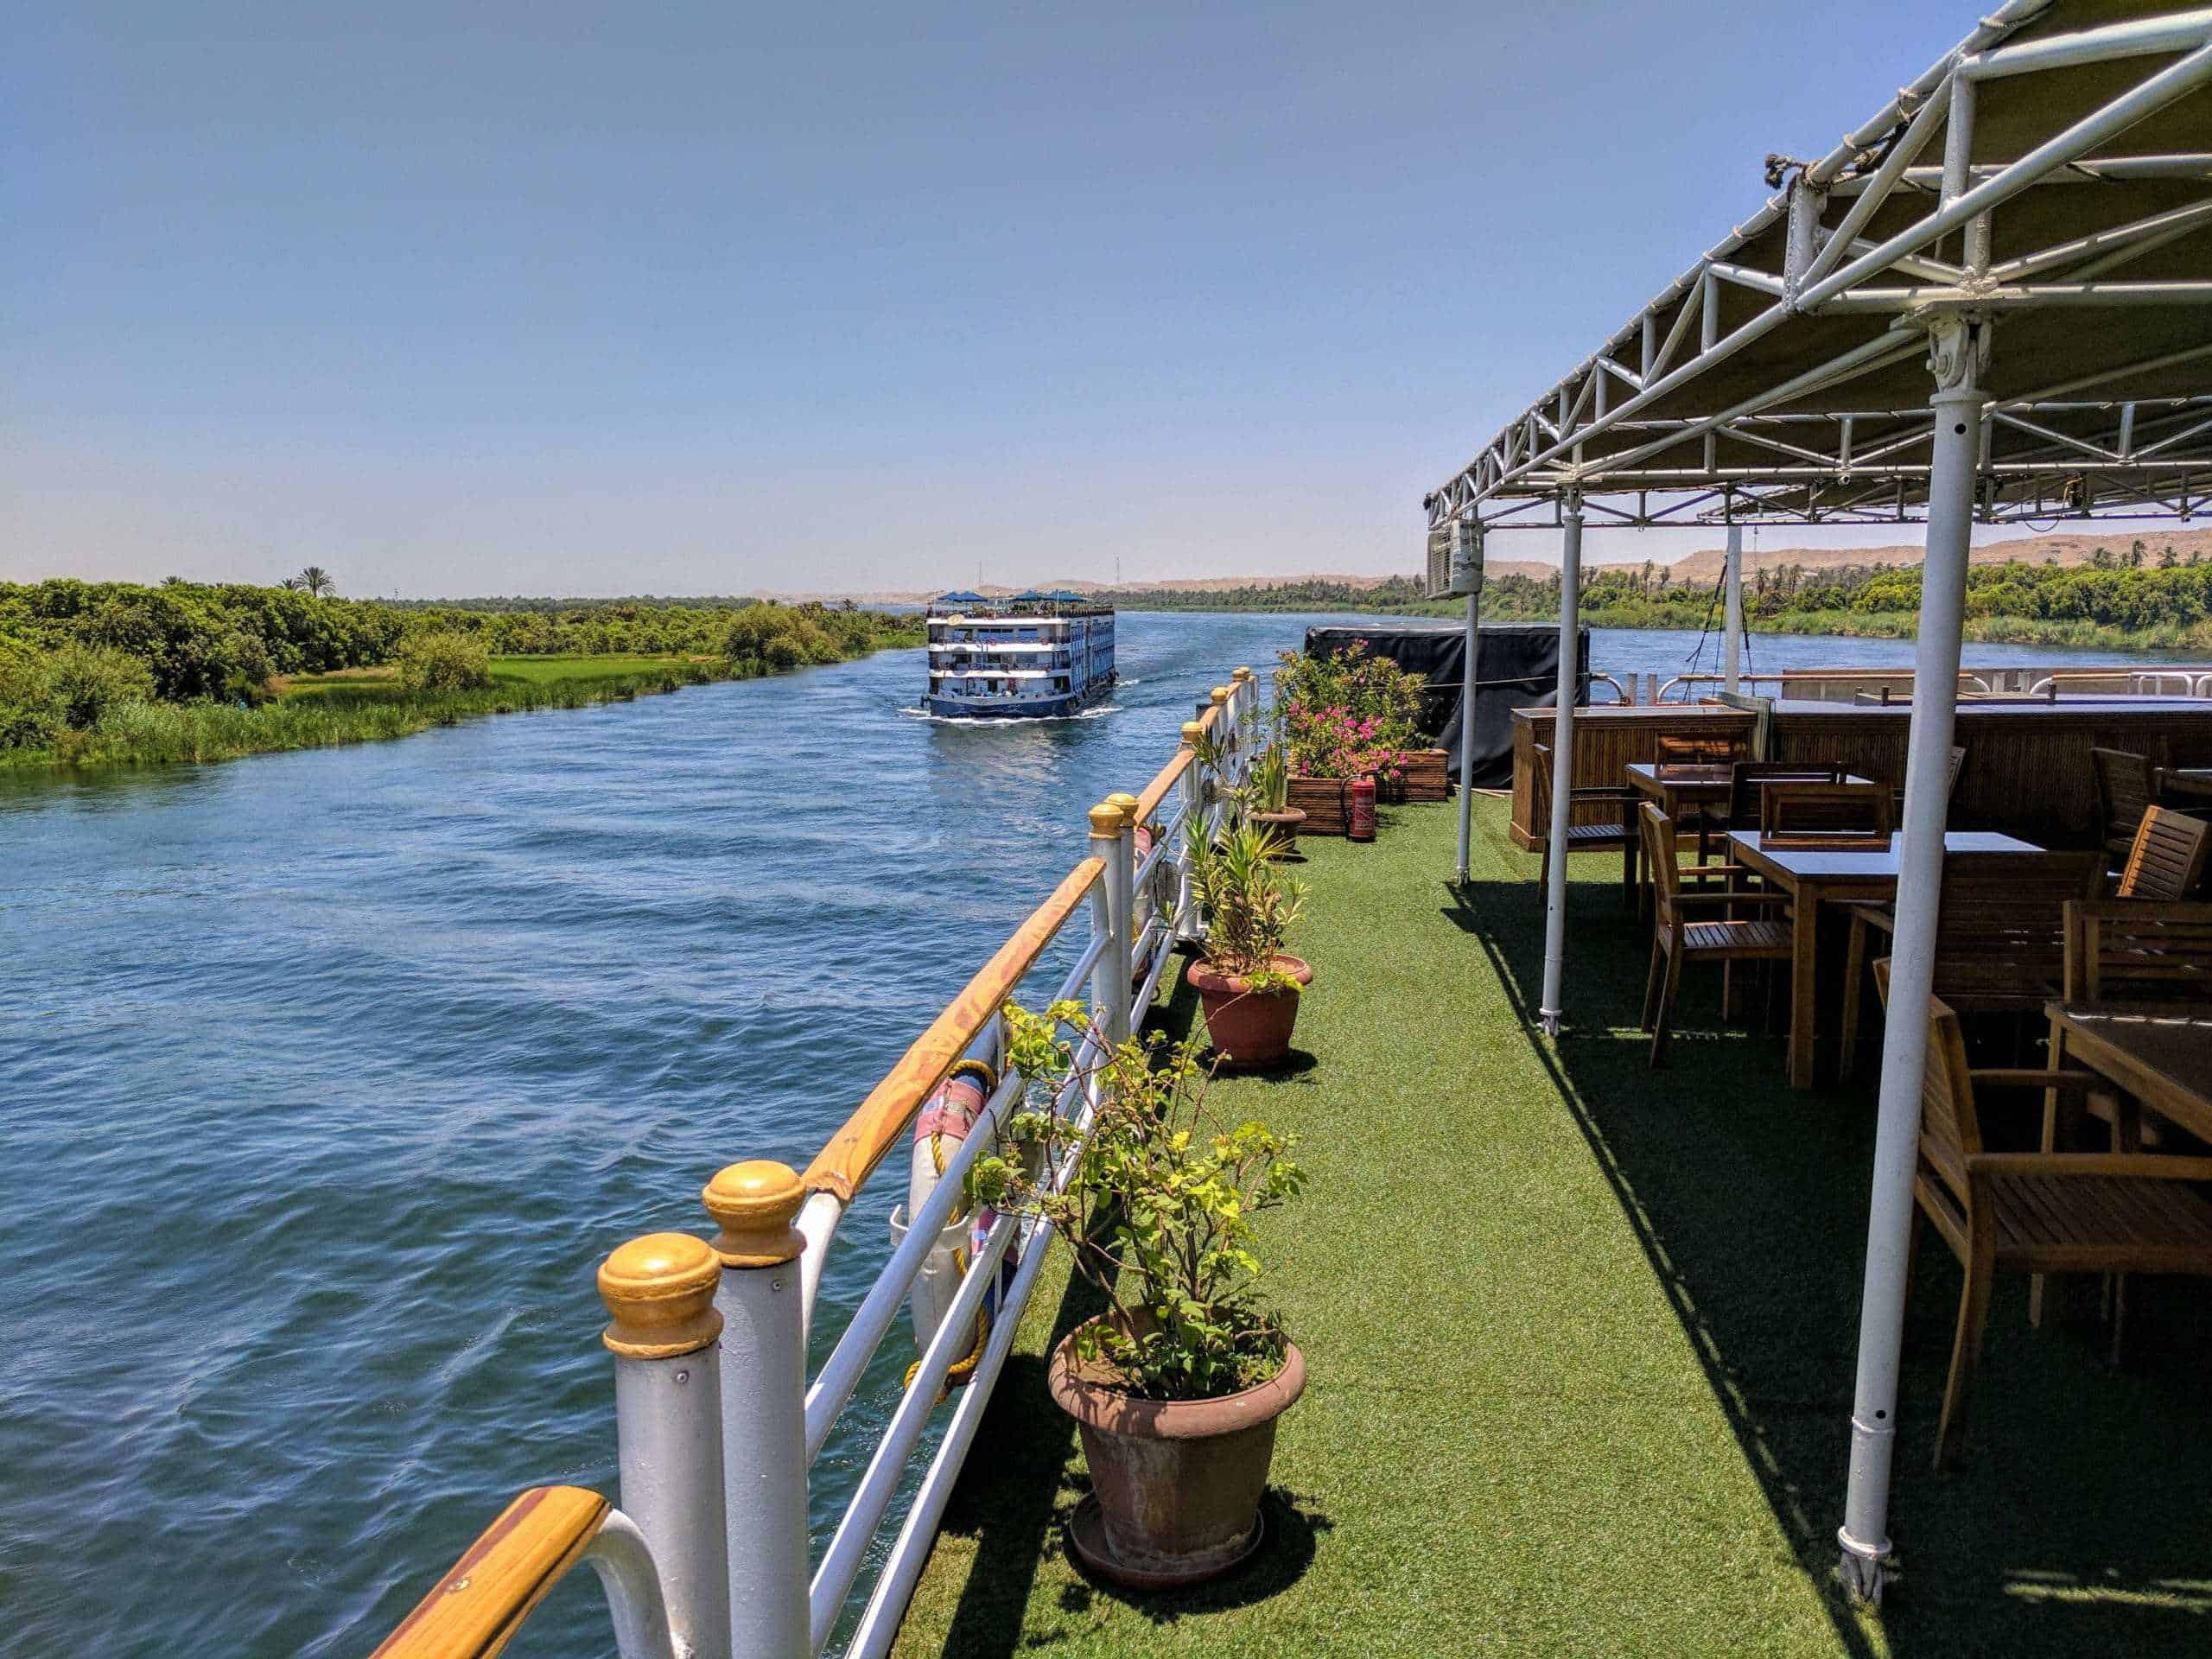 Cruzeiro no Rio Nilo.